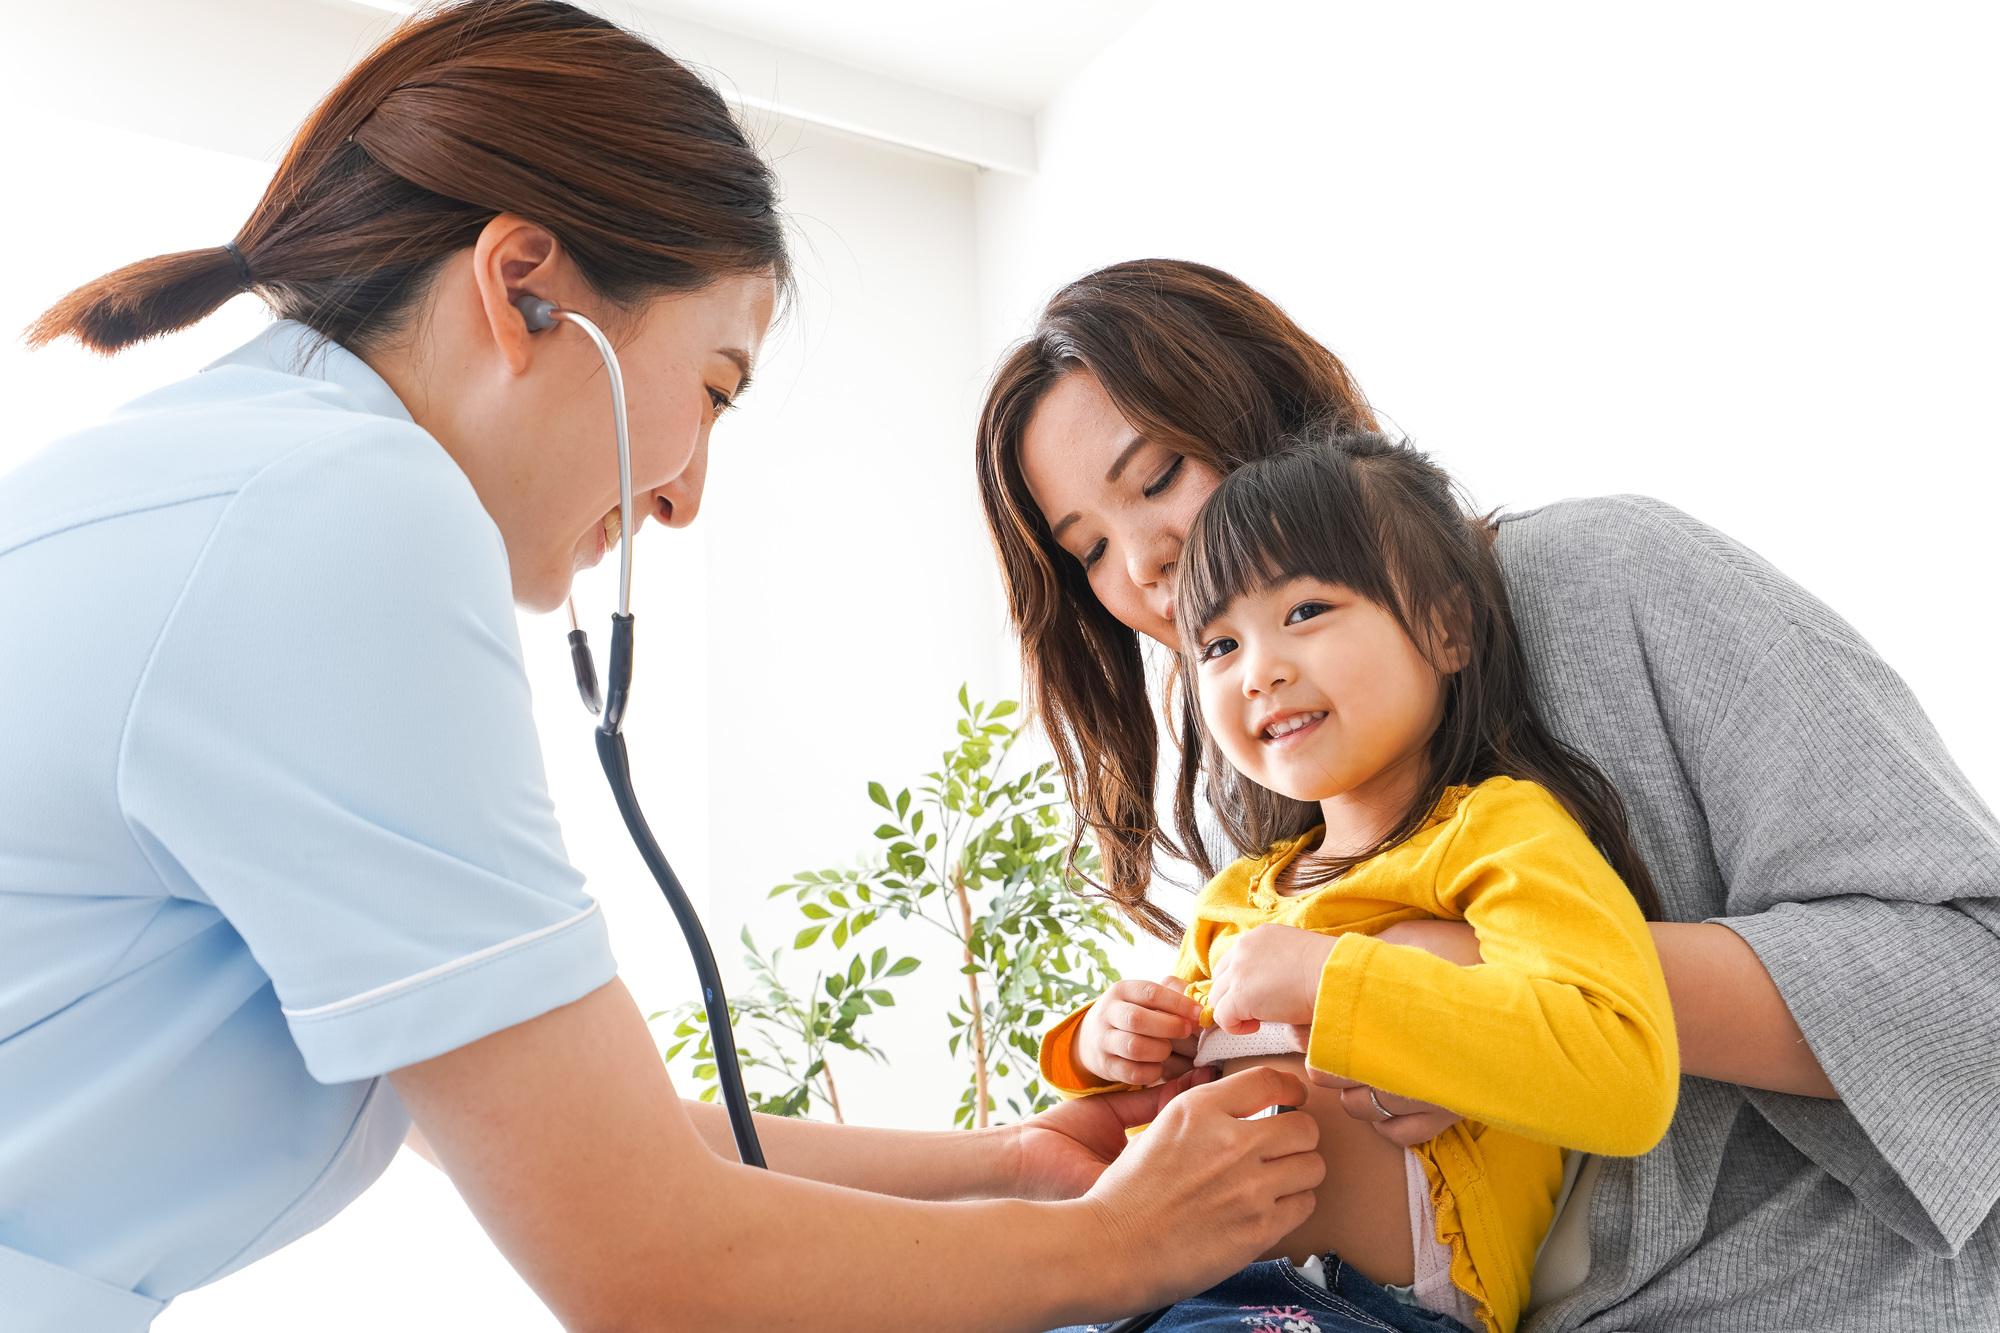 インフル 予防 接種 副 反応